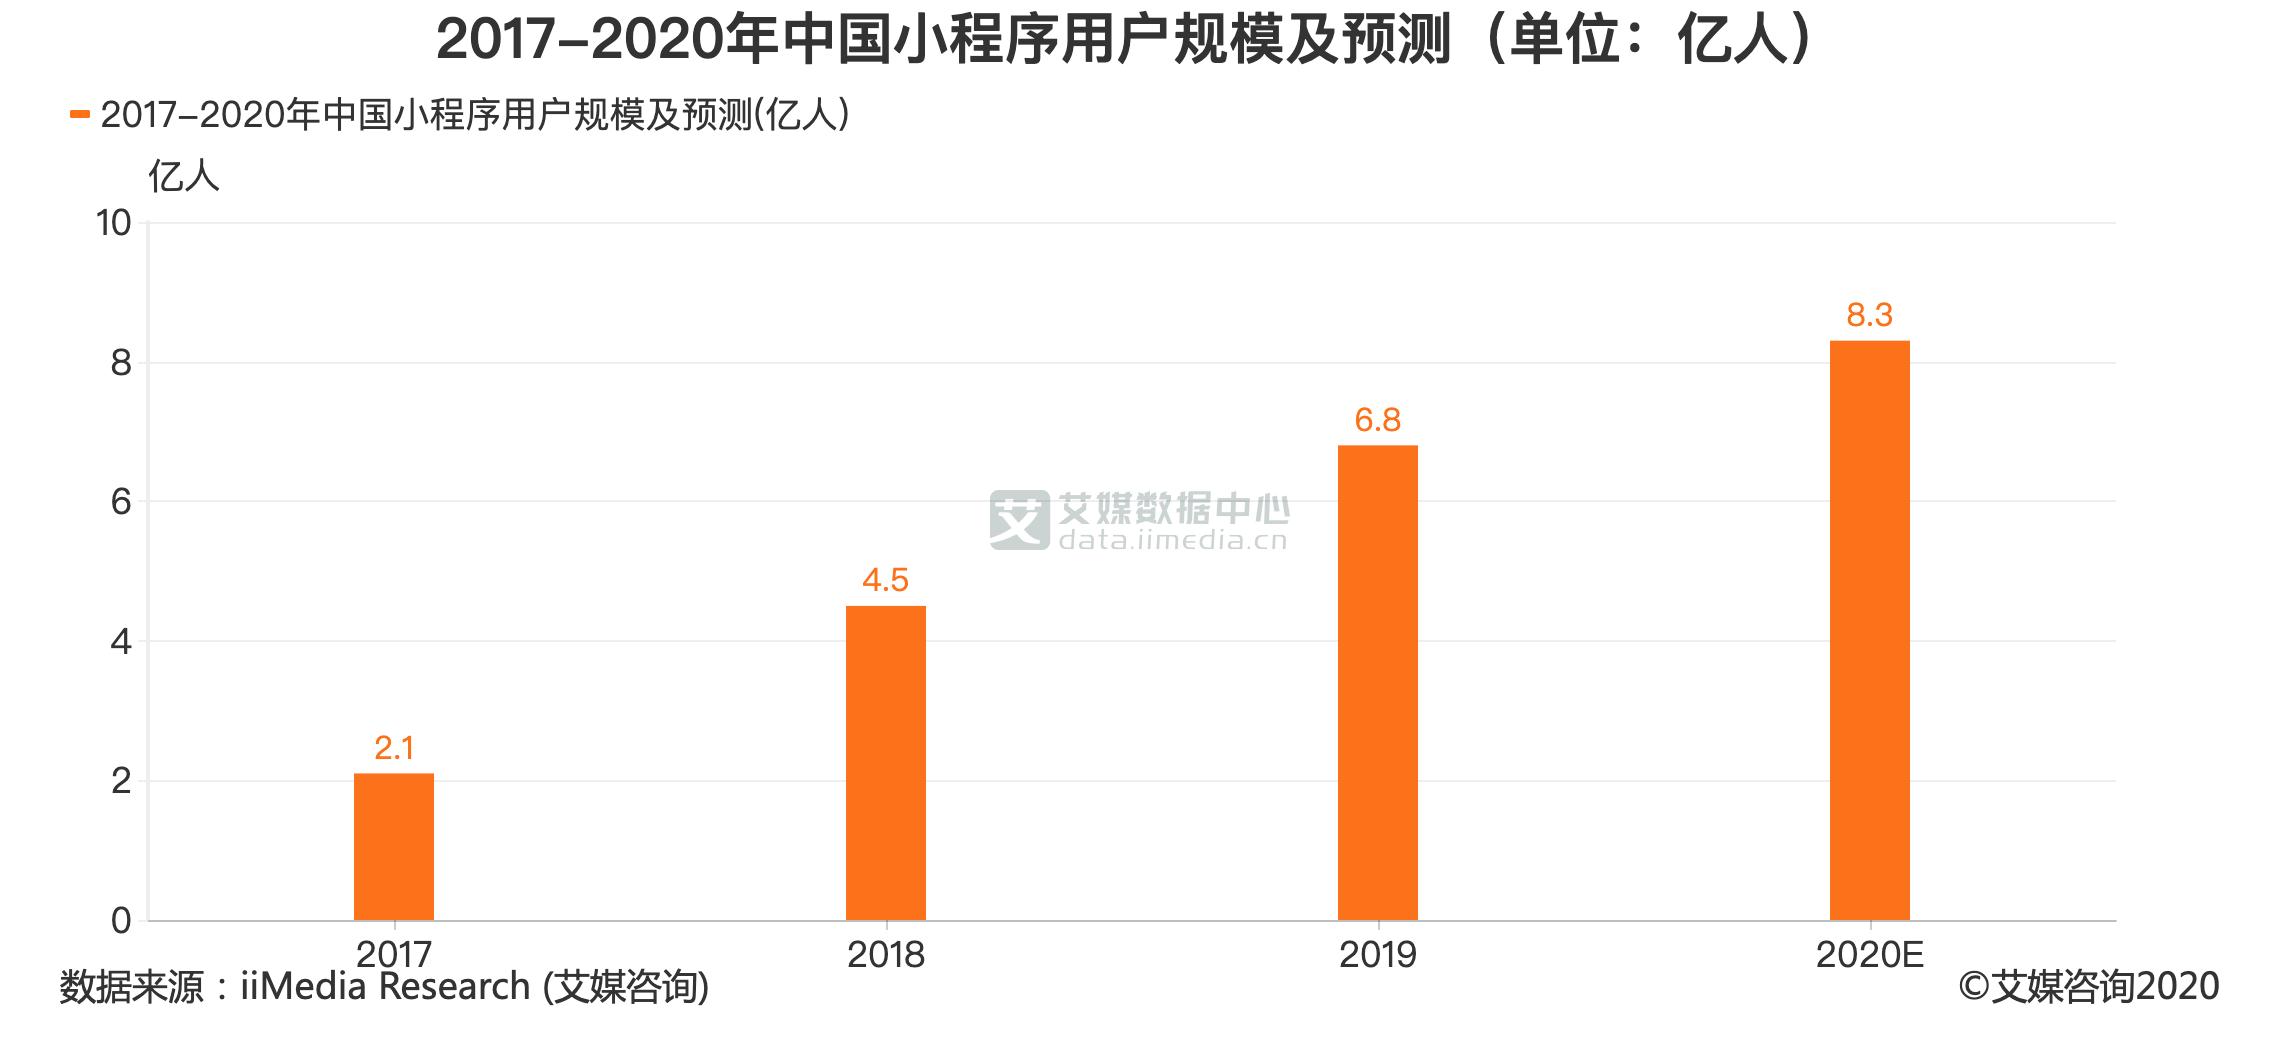 2017-2020年中国小程序用户规模及预测(单位:亿人)